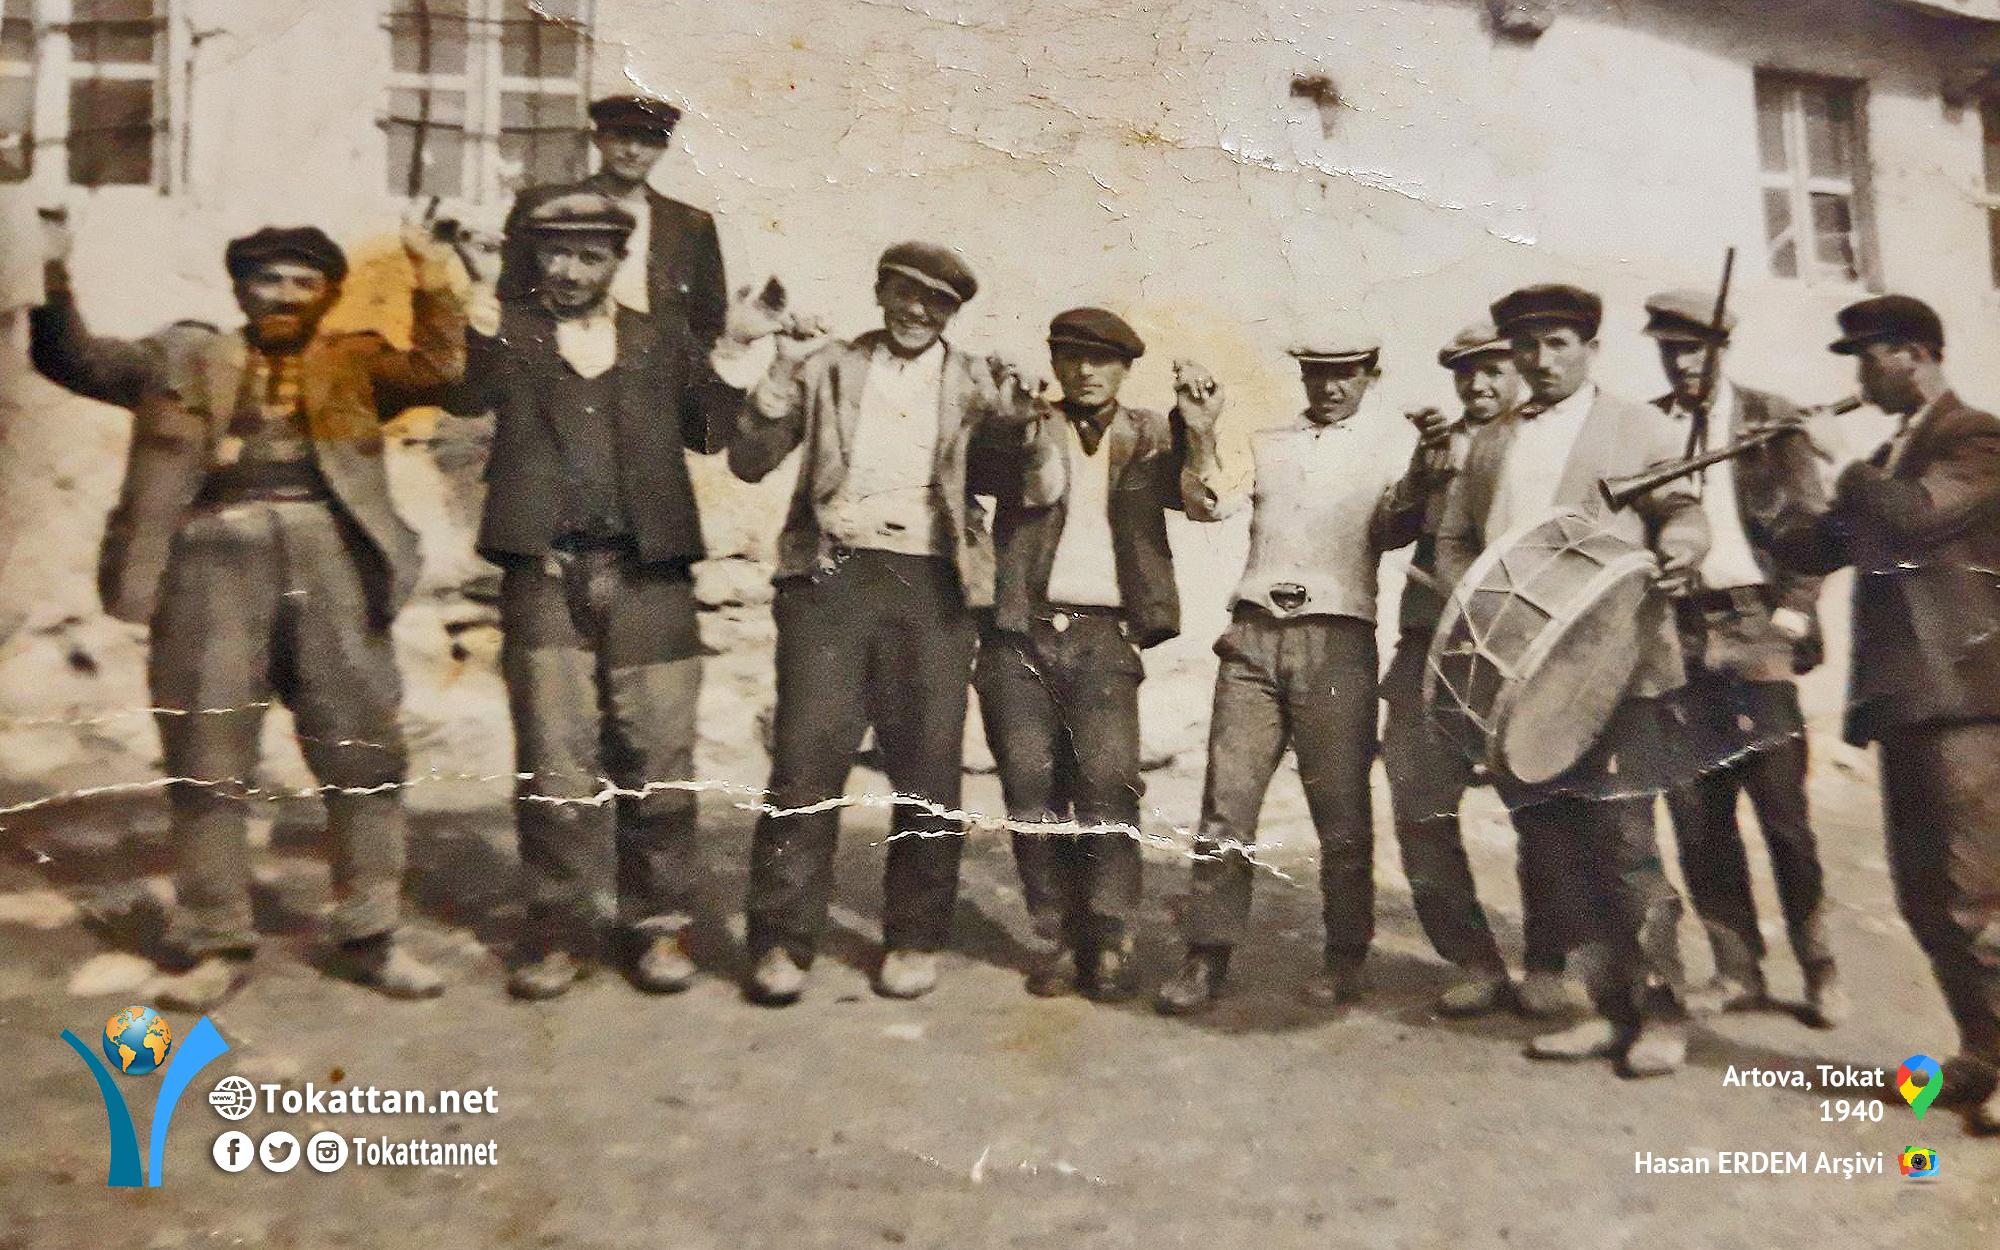 Tokattan.net | Abum Abum Türküsünün Bilinmeyen Öyküsü